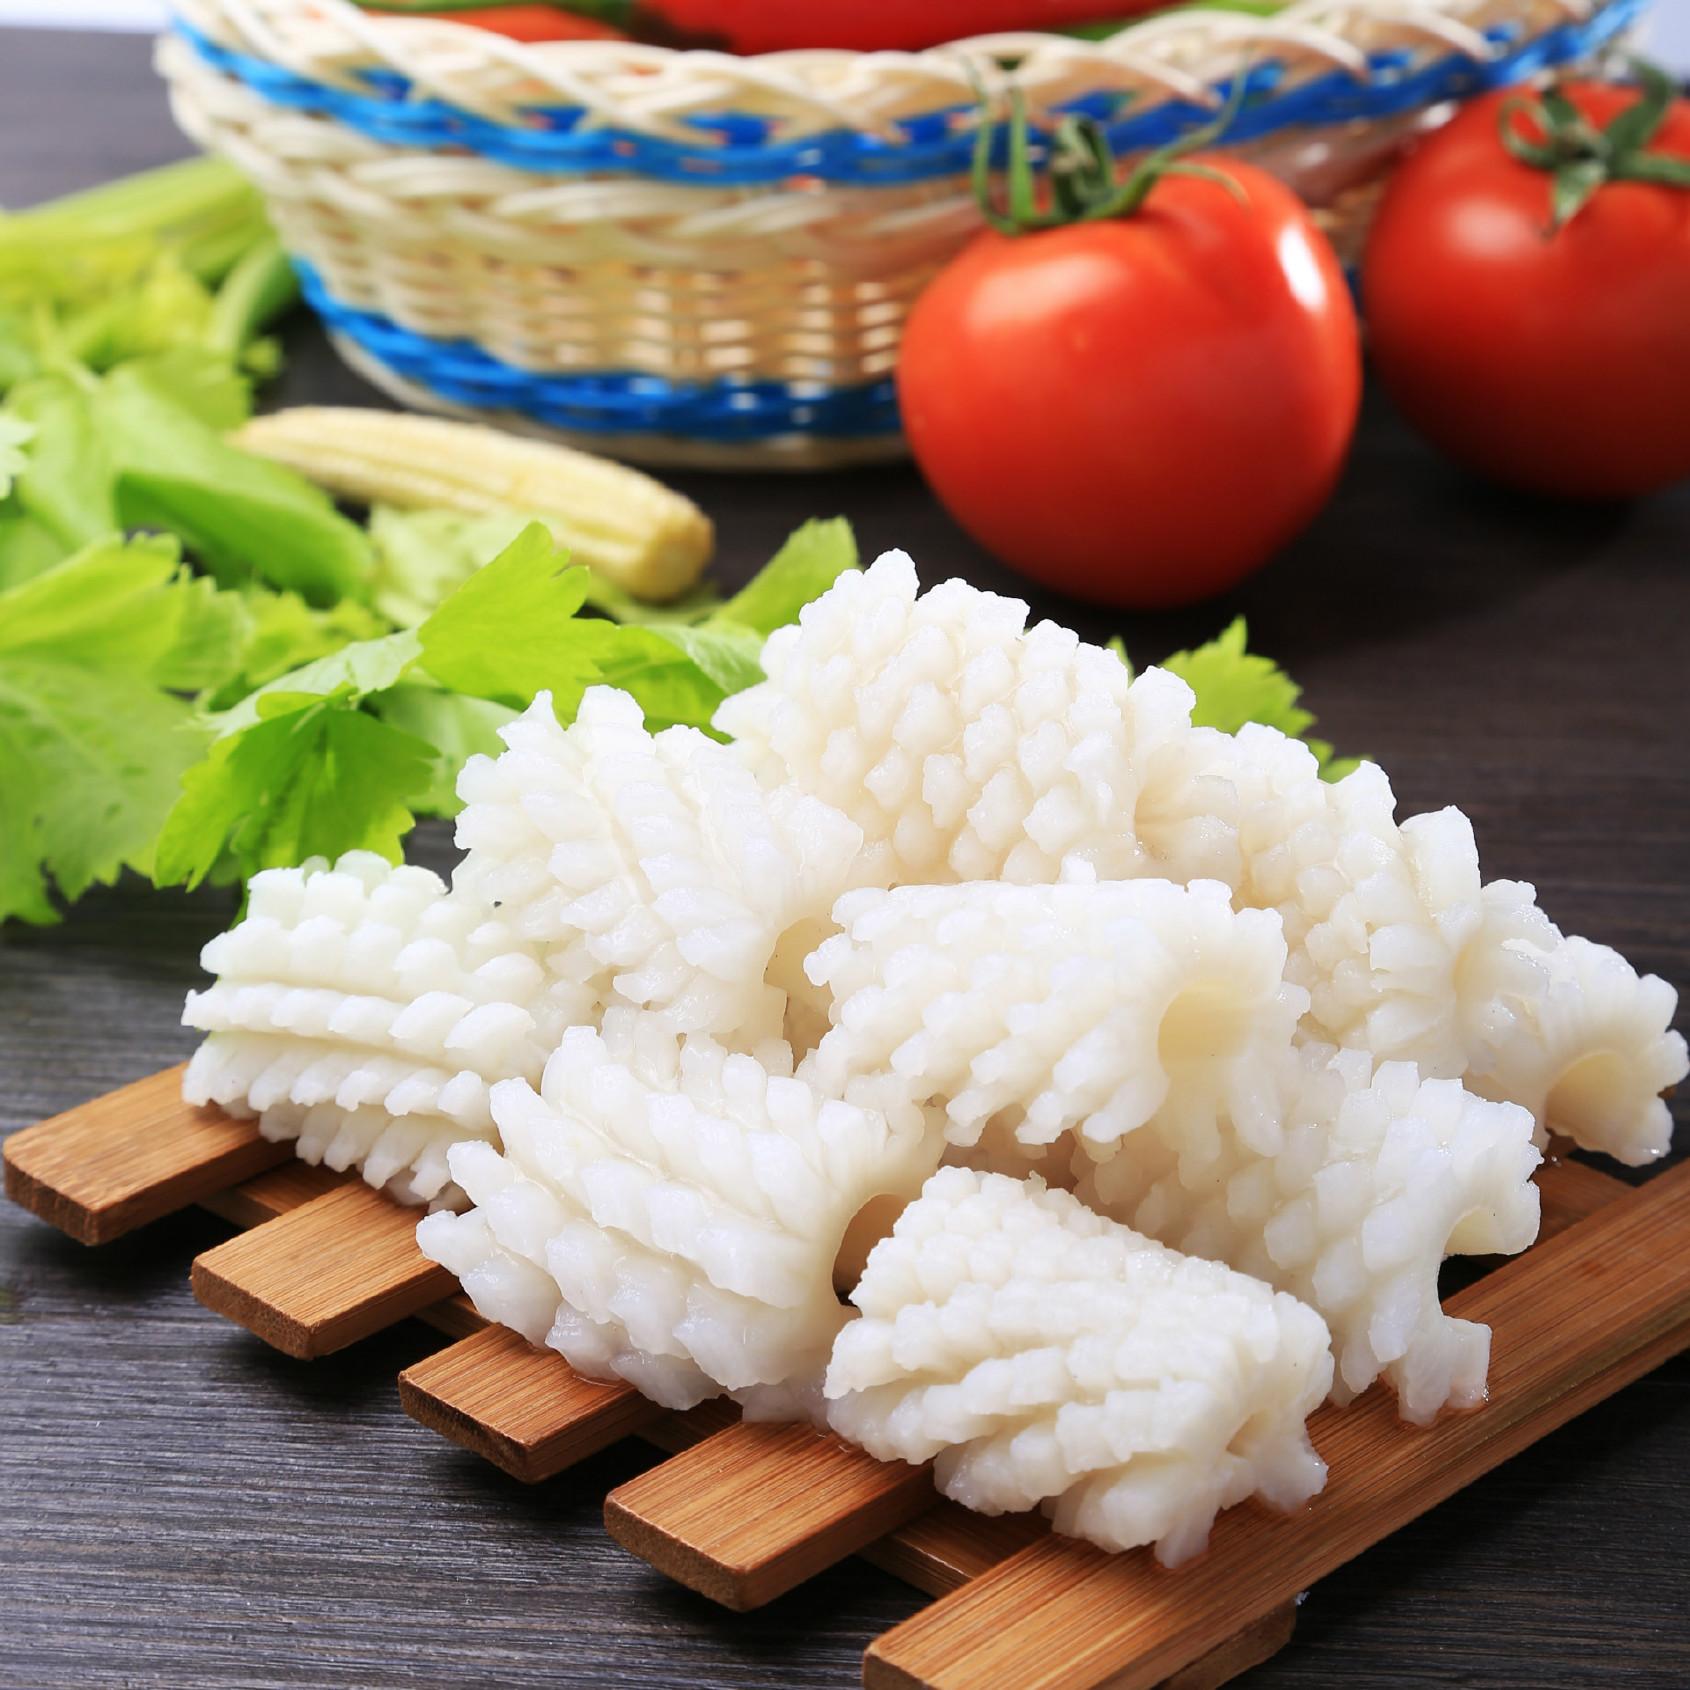 冷冻海鲜鱿鱼花 墨鱼花 专业打捞生产速冻 新鲜